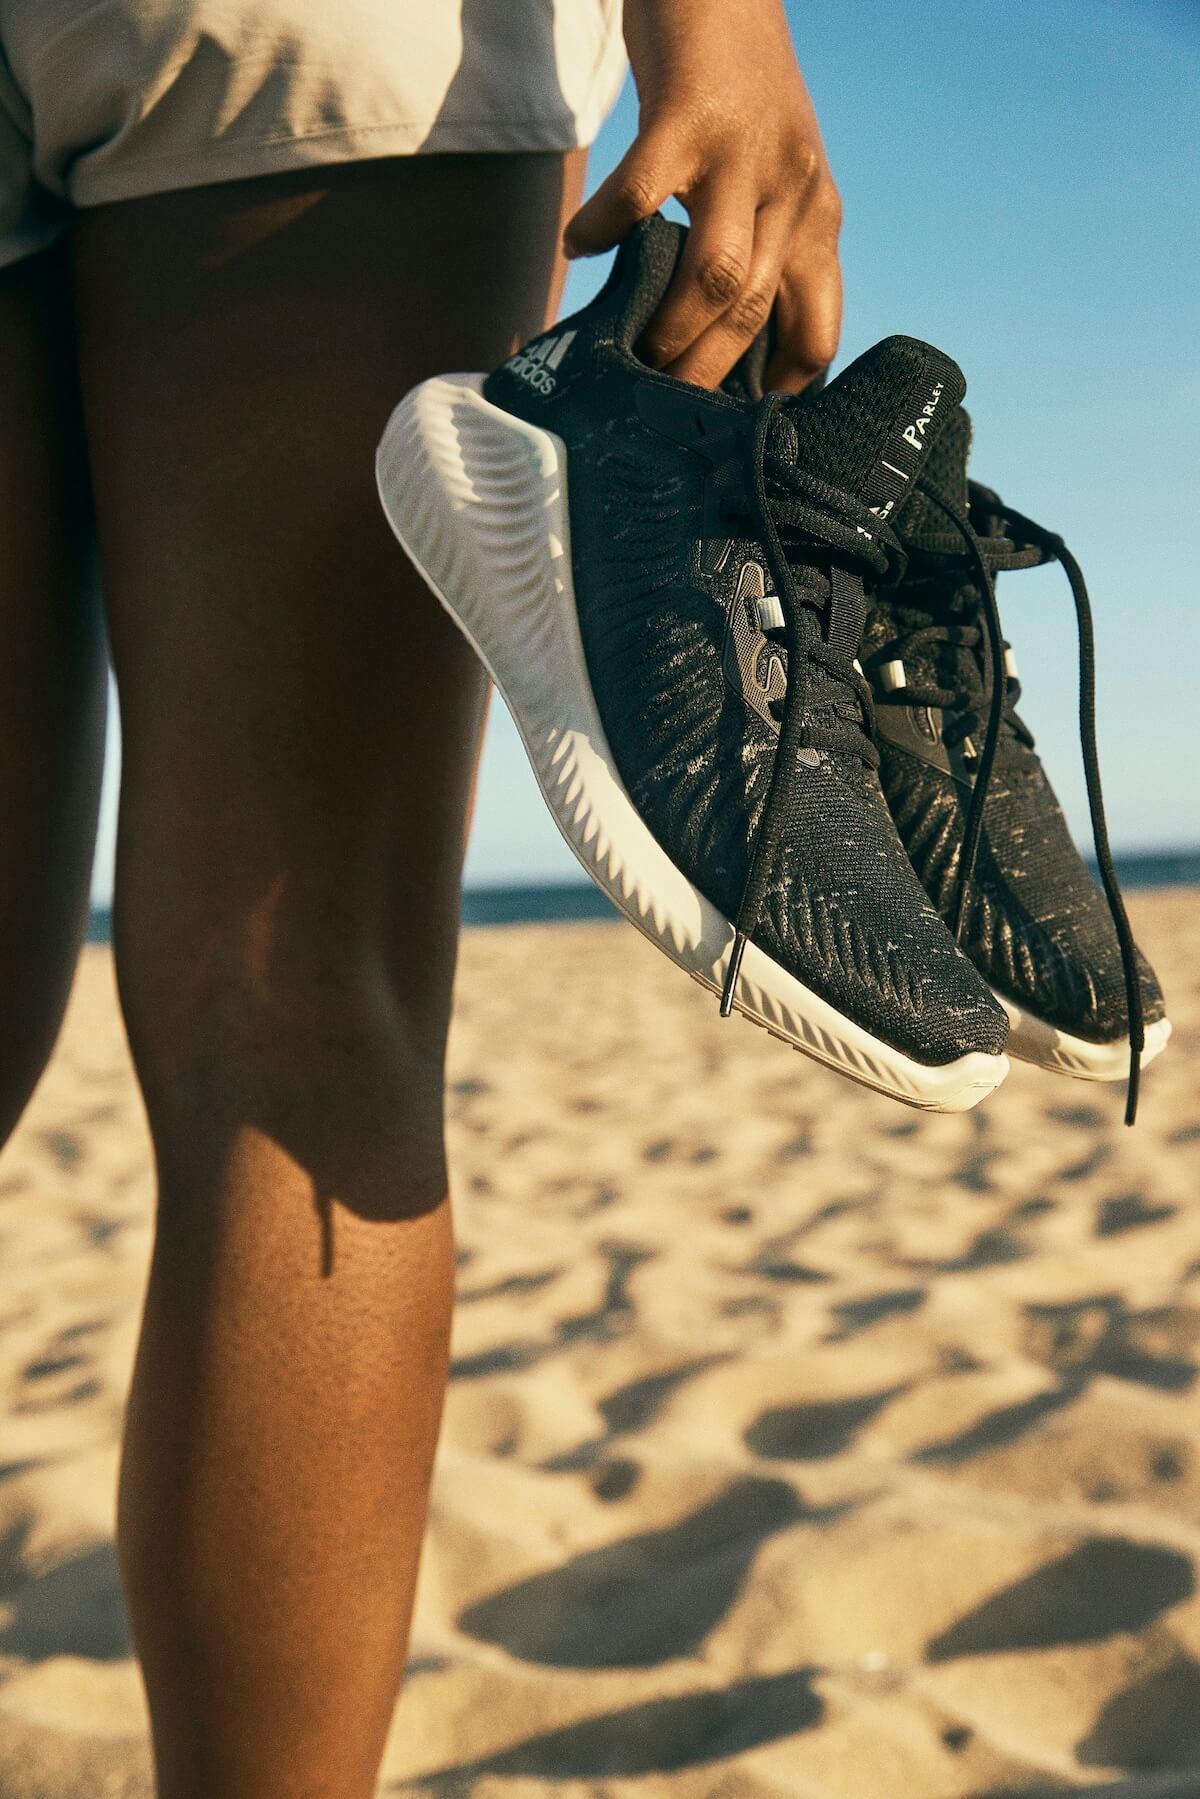 1km走るごとに1ドル寄付!アディダス<RUN FOR THE OCEANS>開催|プラスチック廃棄物を用いたシューズも話題 lifefashion190529runfortheoceans_6